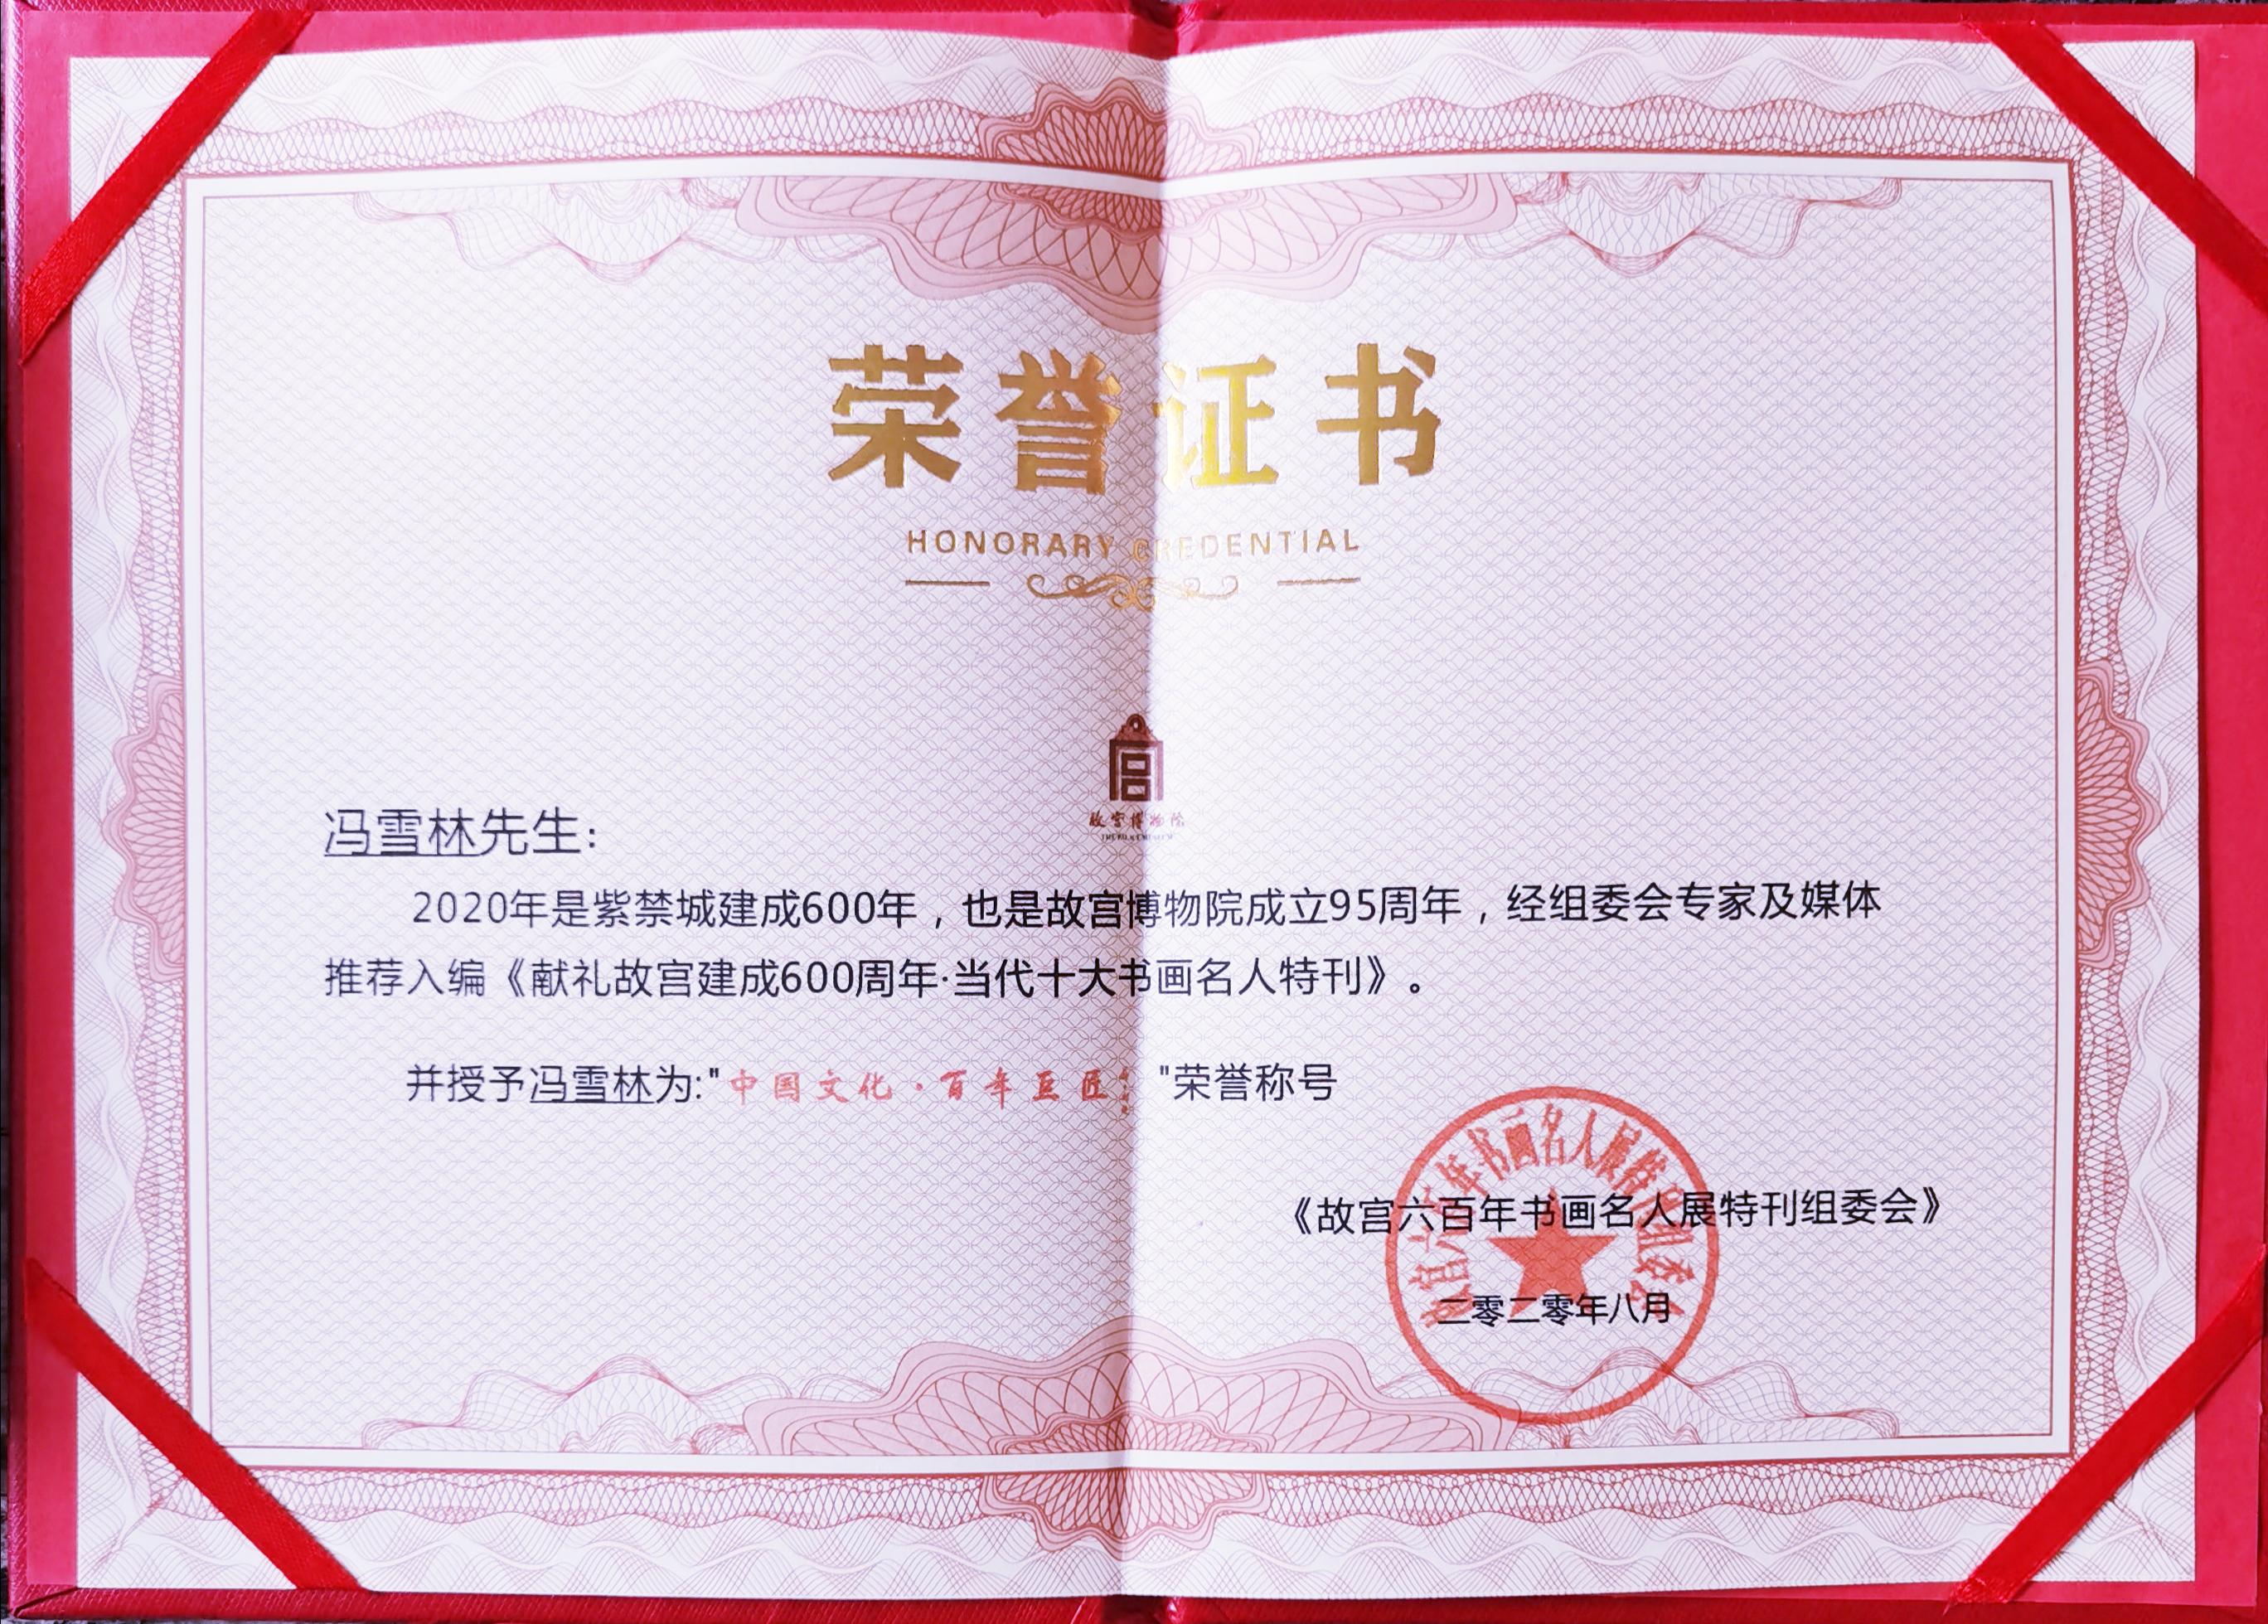 冯雪林入编《献礼故宫建成600周年・当代十大书画名人特刊》荣誉证书